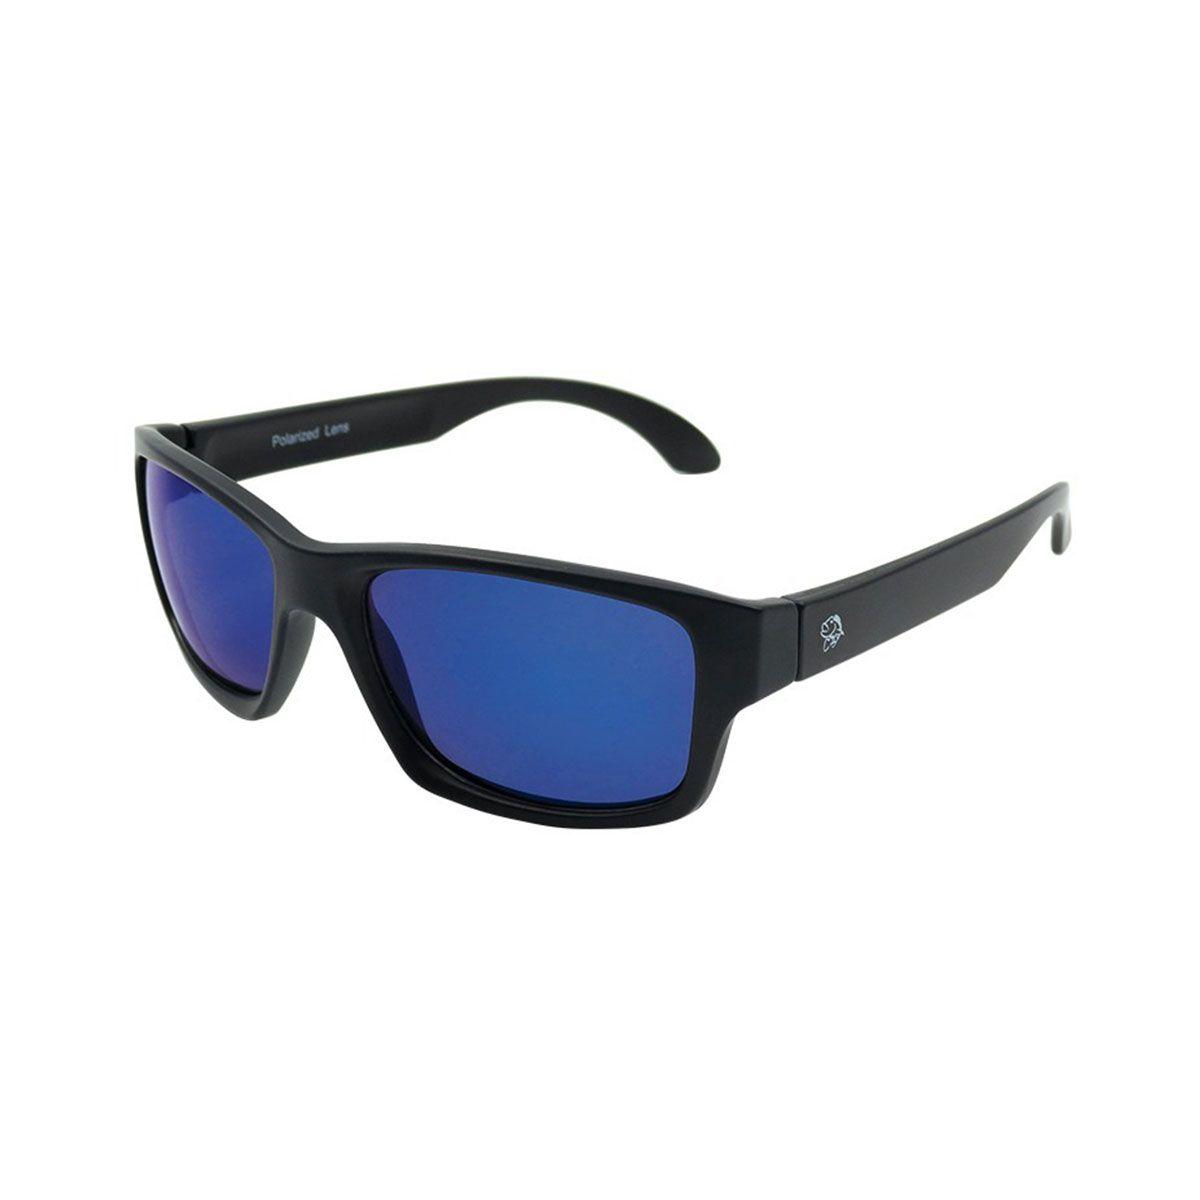 Oculos Polarizado Pro Tsuri GT Preto e Fosco Lente Blue Mirror